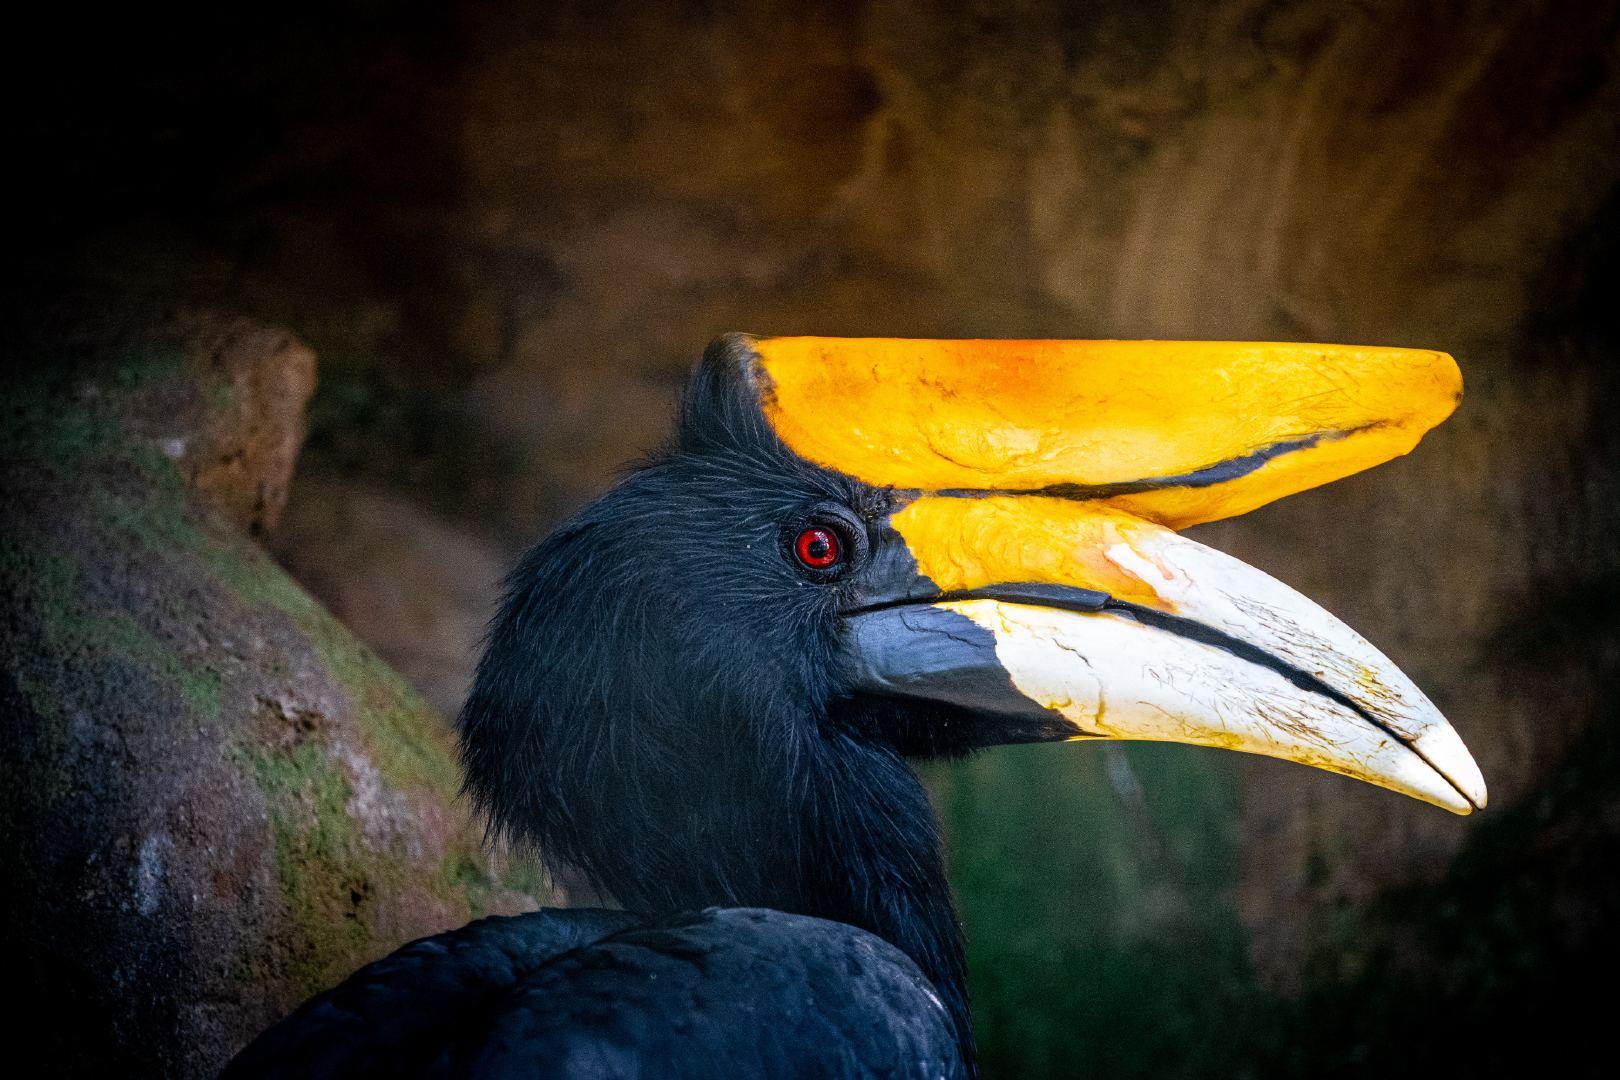 虞山动物园里长相奇特的巨嘴鸟高清特写图集